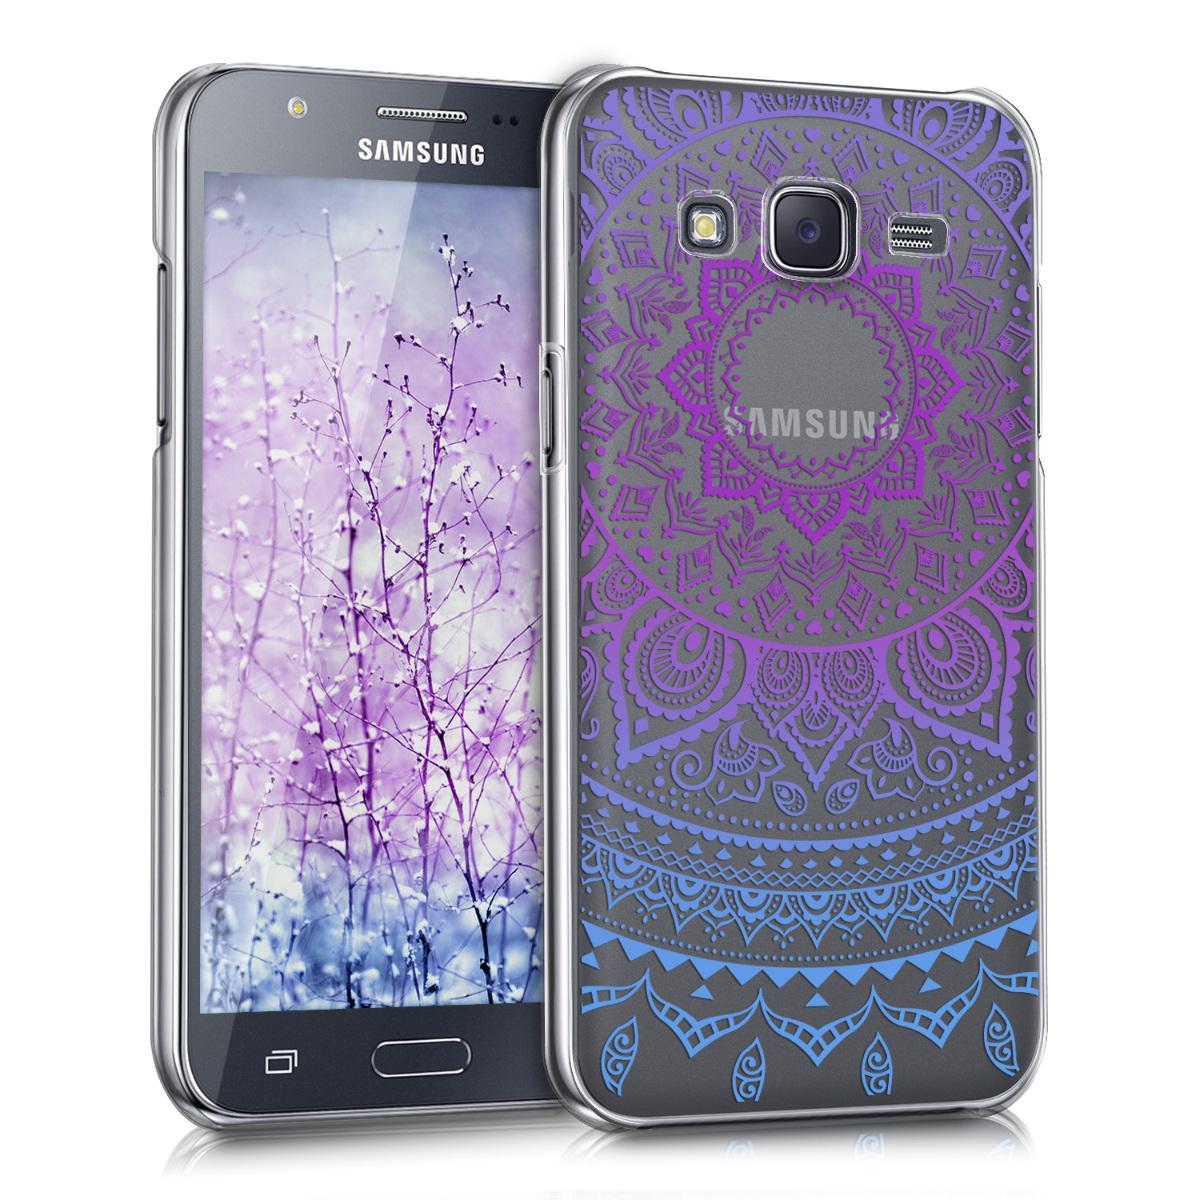 Kvalitní plastové pouzdro pro Samsung J5 (2015) - indické slunce modré / tmavě růžová / transparentní